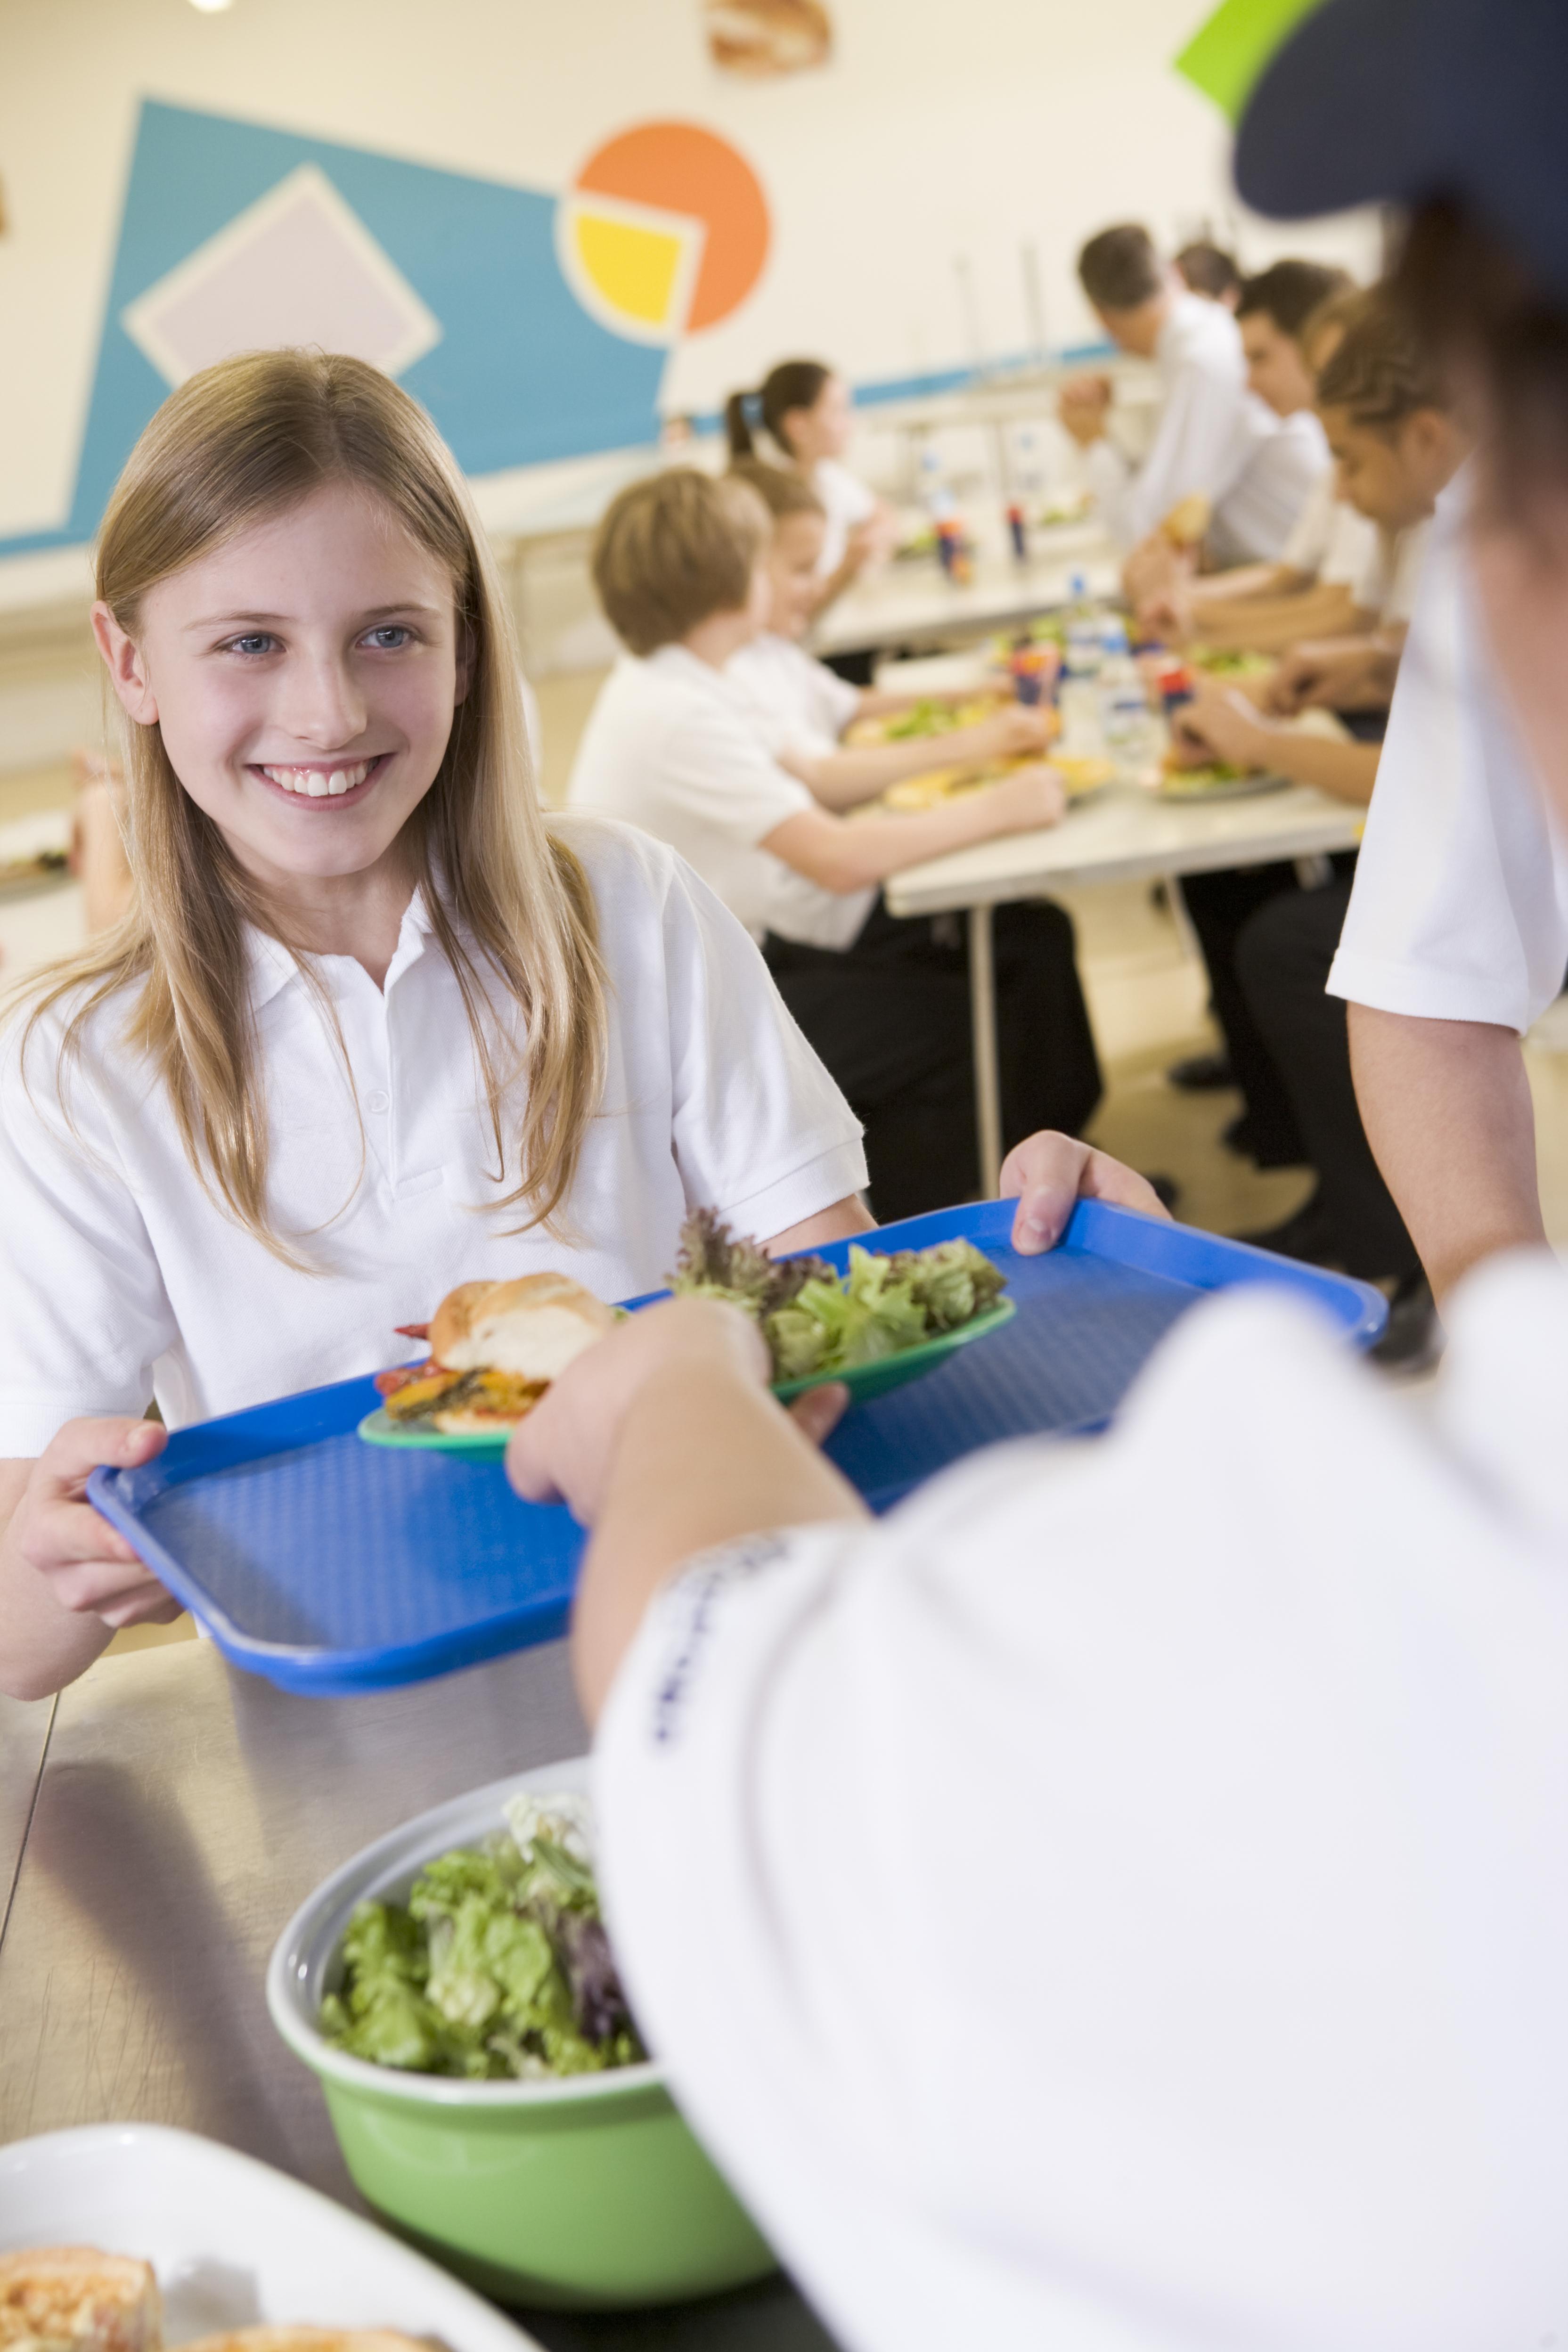 Schools transform meals, service